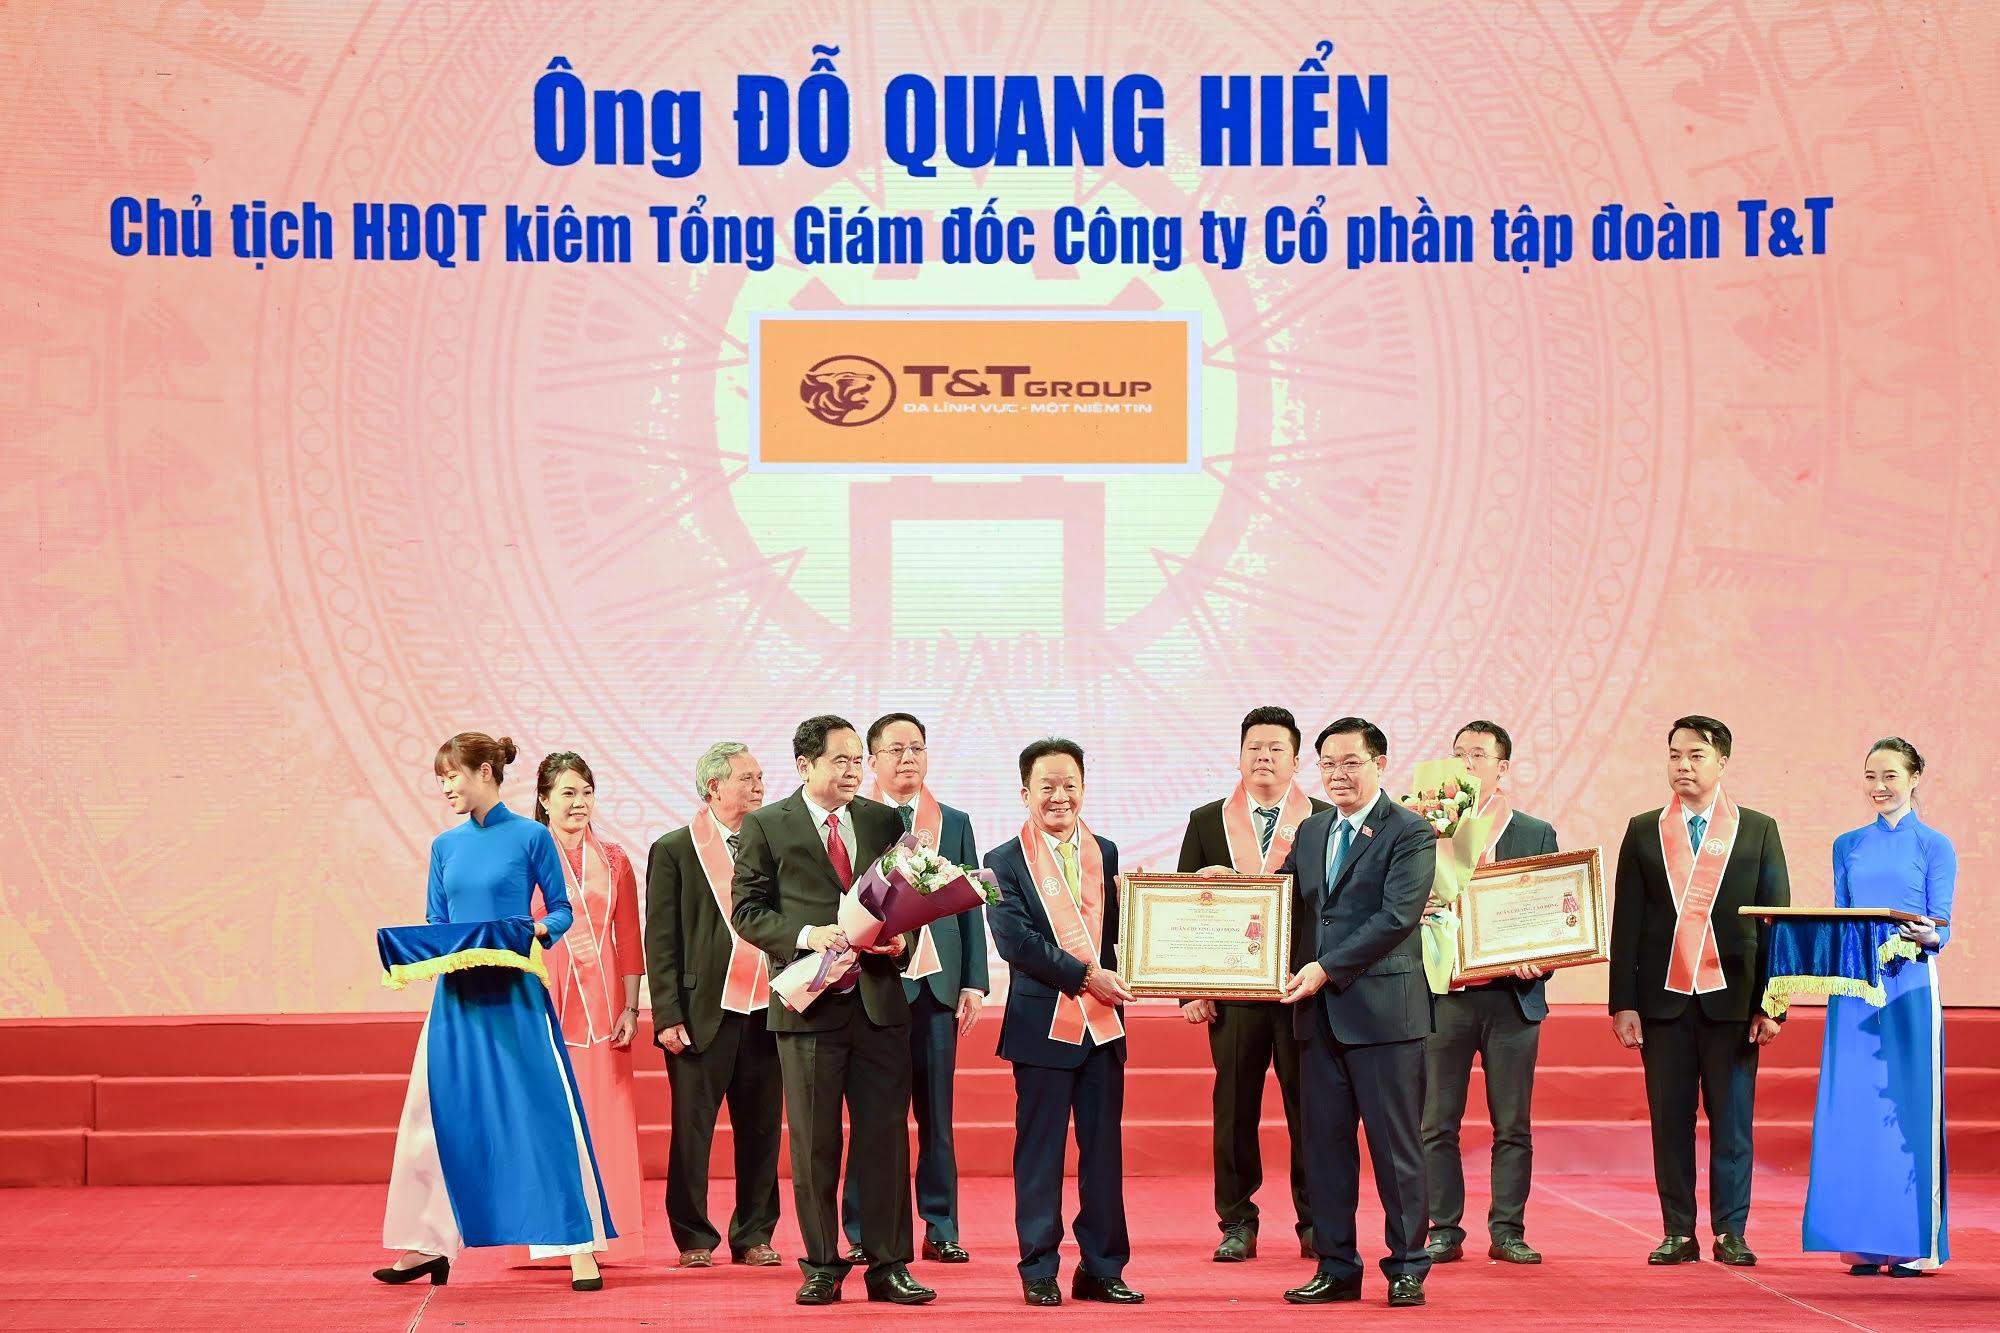 Vì sao Chủ tịch SHB Đỗ Quang Hiển được trao tặng Huân chương Lao động hạng Nhất - Ảnh 1.